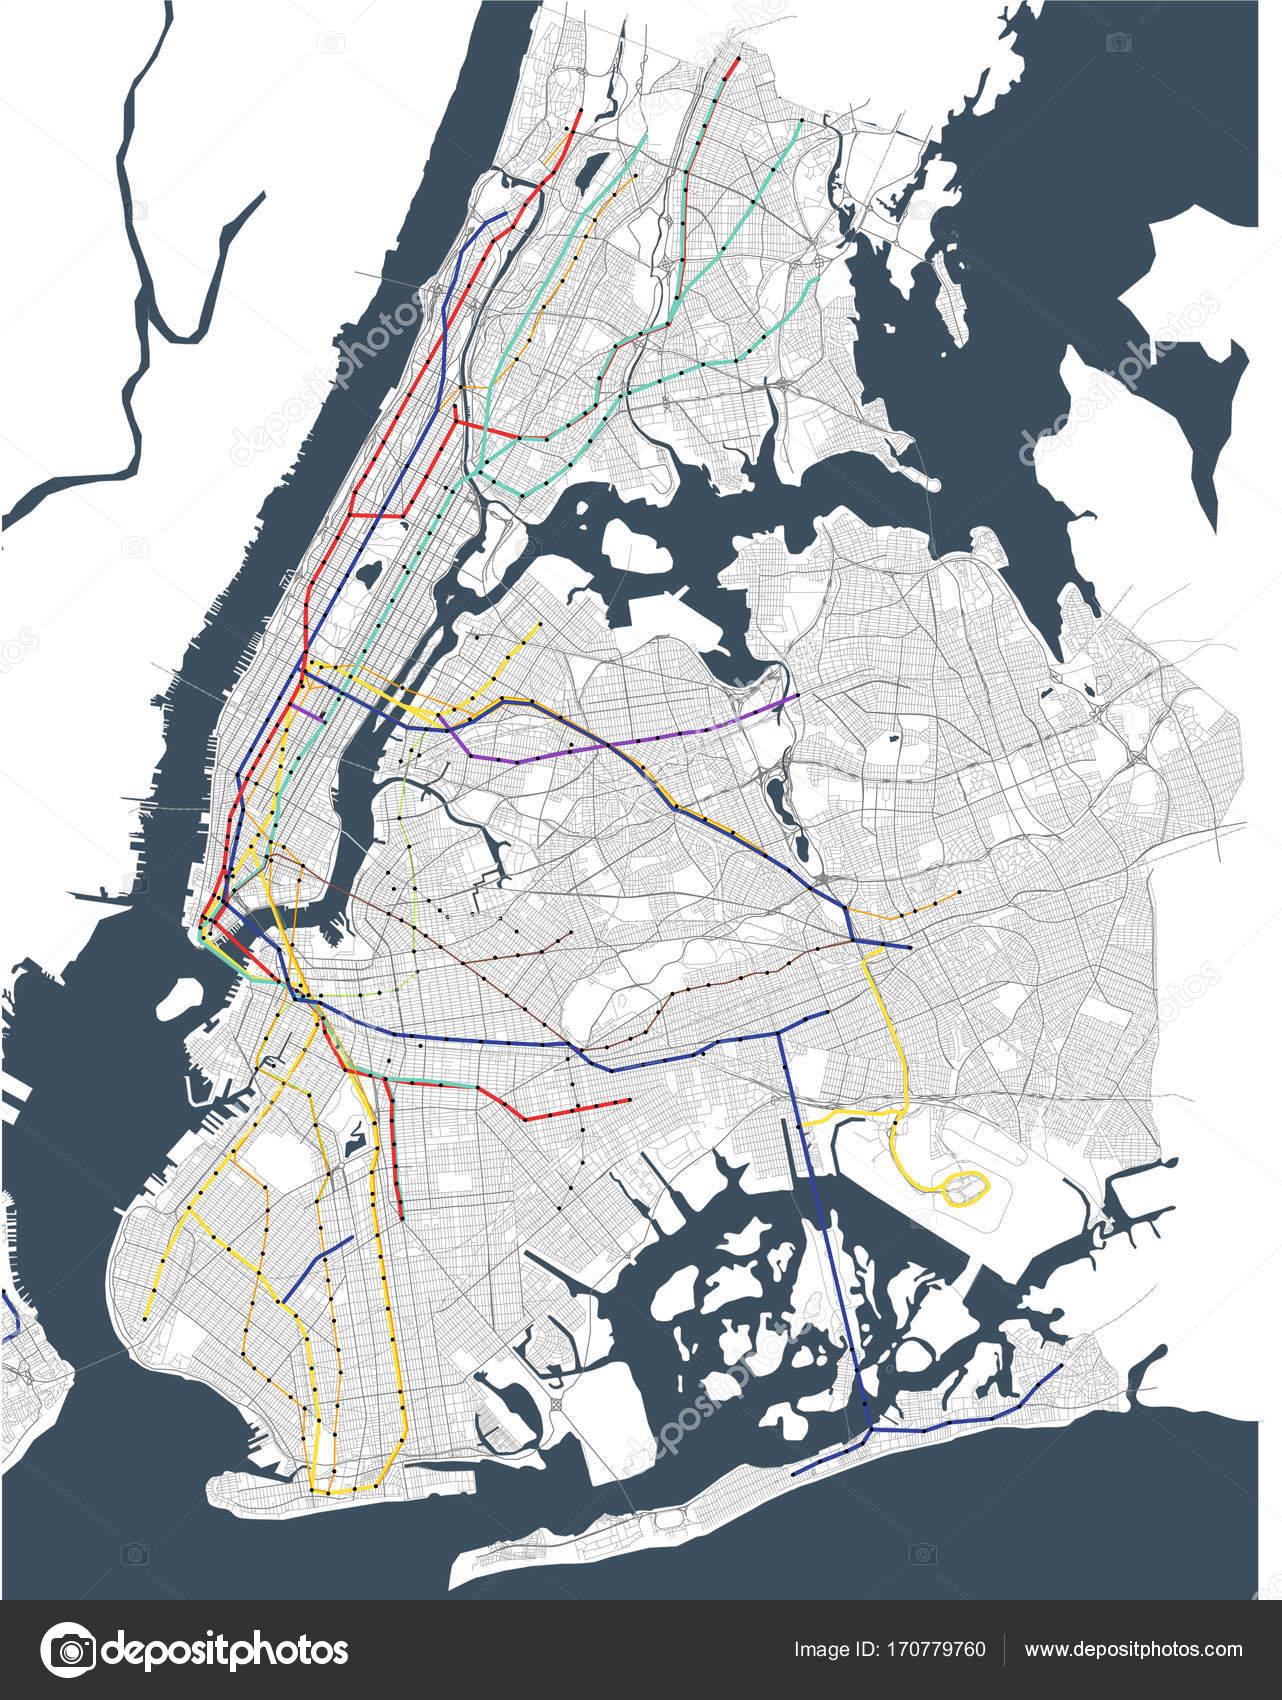 U Bahn Karte New York.Karte Der U Bahn Von New York City Ny Usa Stockfoto Tish11